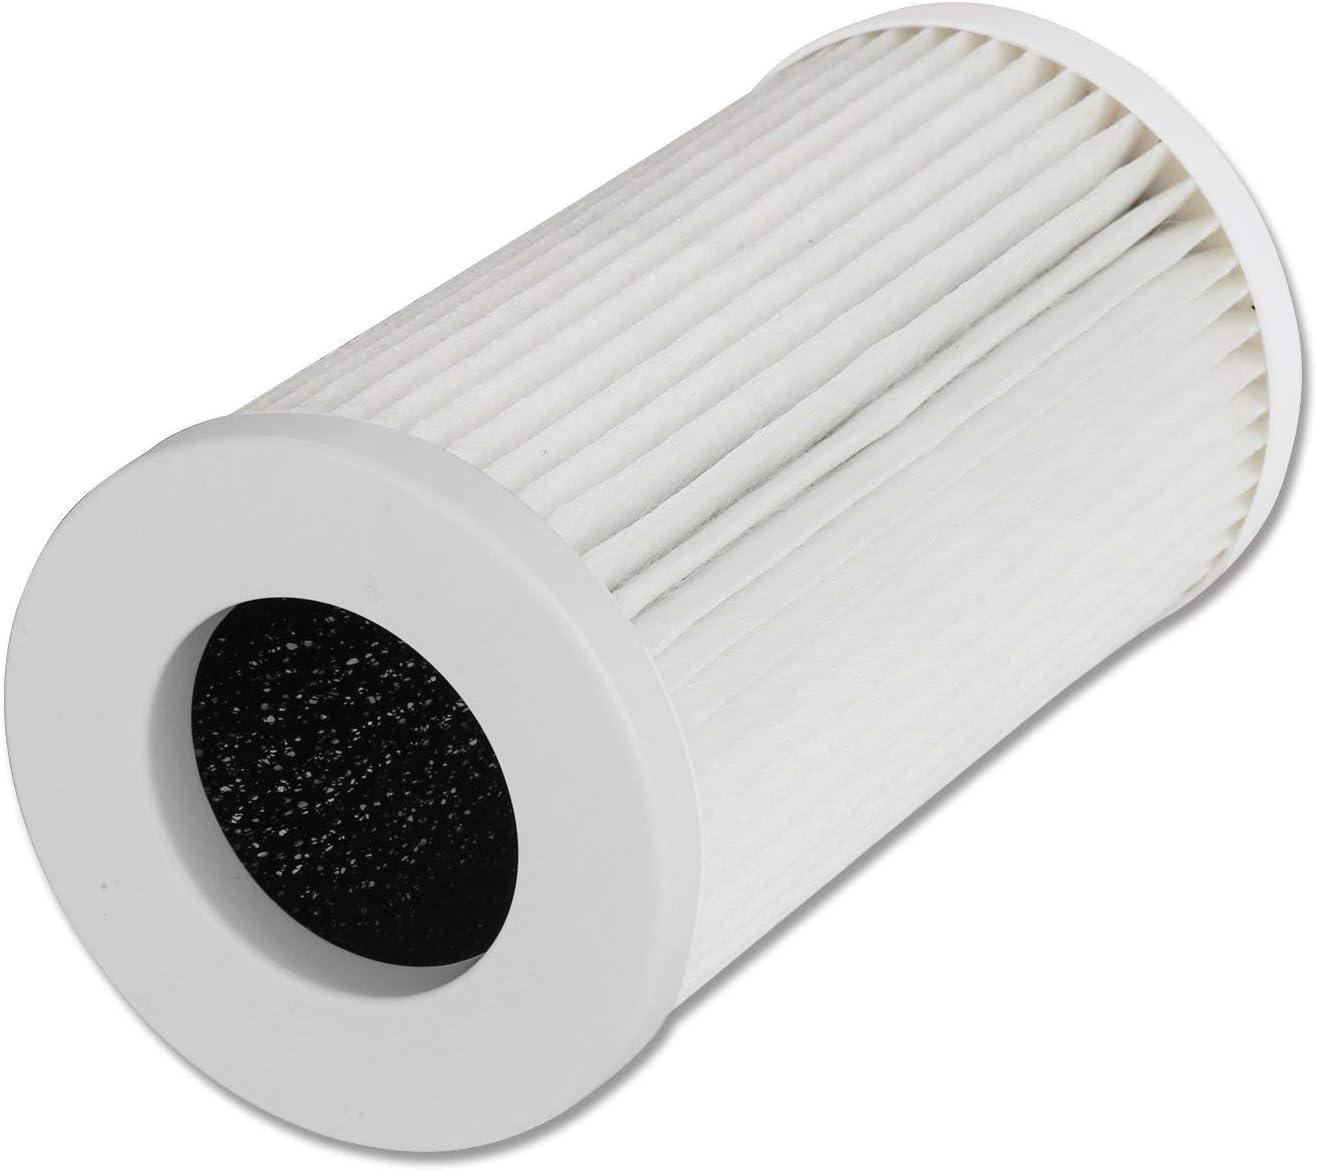 QUEENTY Filtro de Reemplazo de Purificador de Aire con Filtro HEPA ...